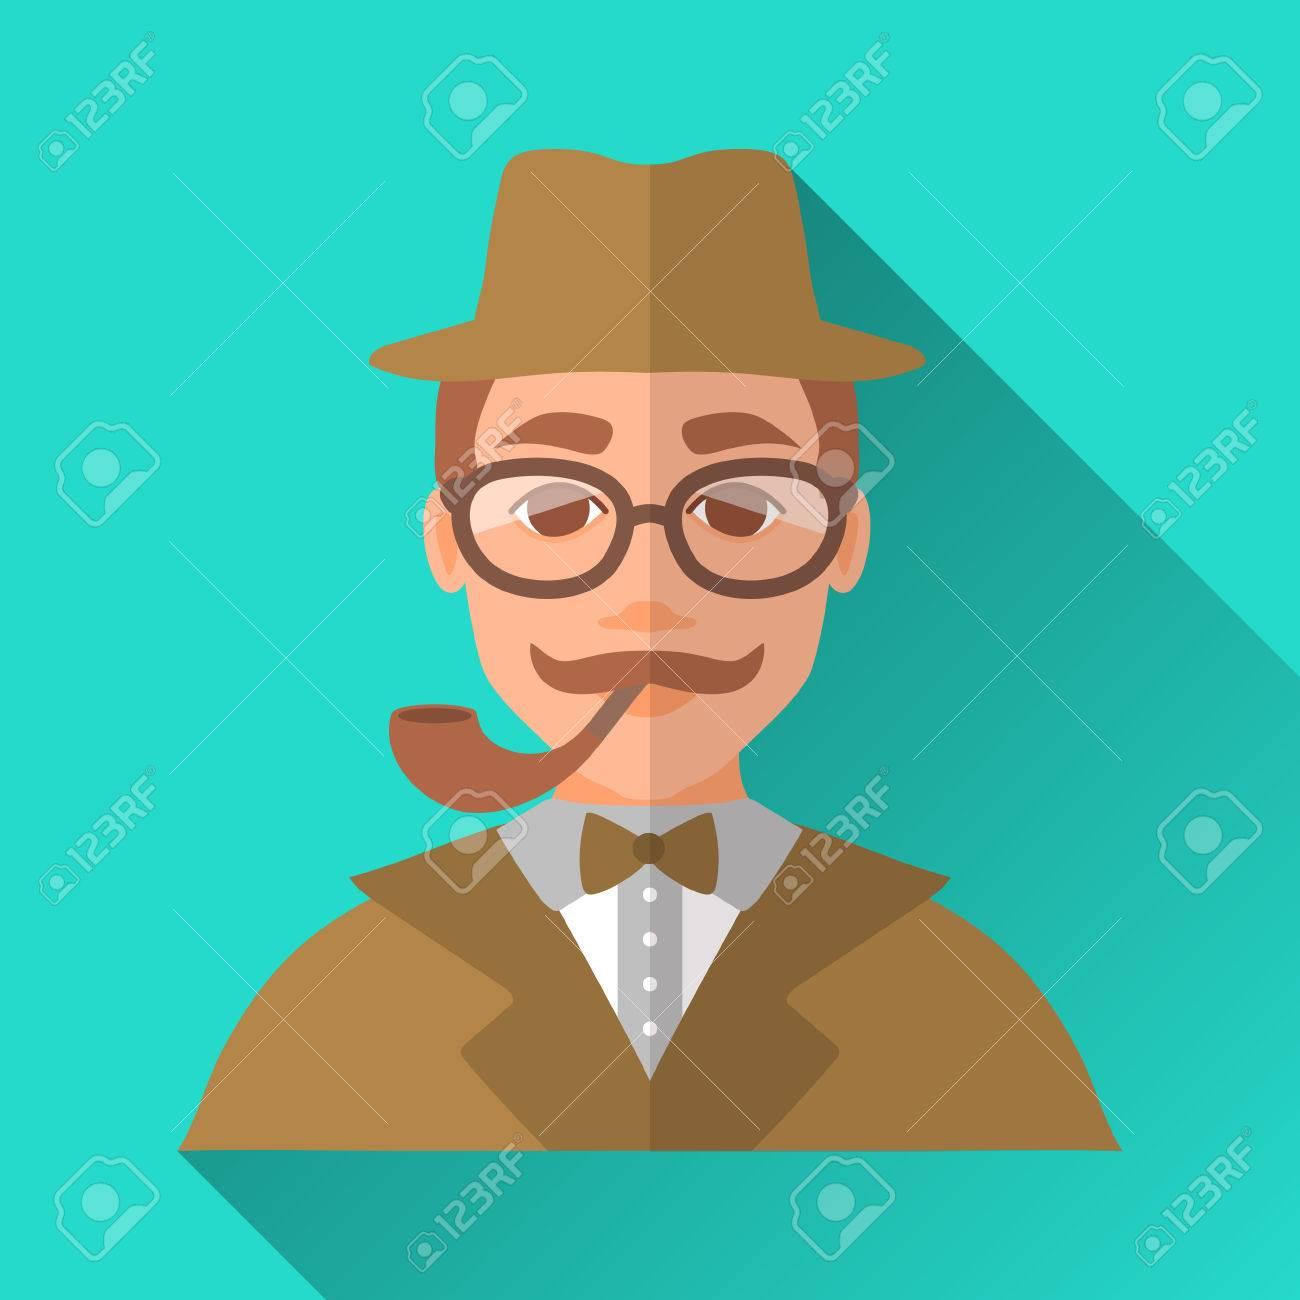 Turquoise Blue Square de style plate forme icône de personnage masculin avec l'ombre. Illustration d'un détective ou un homme de hippie avec la